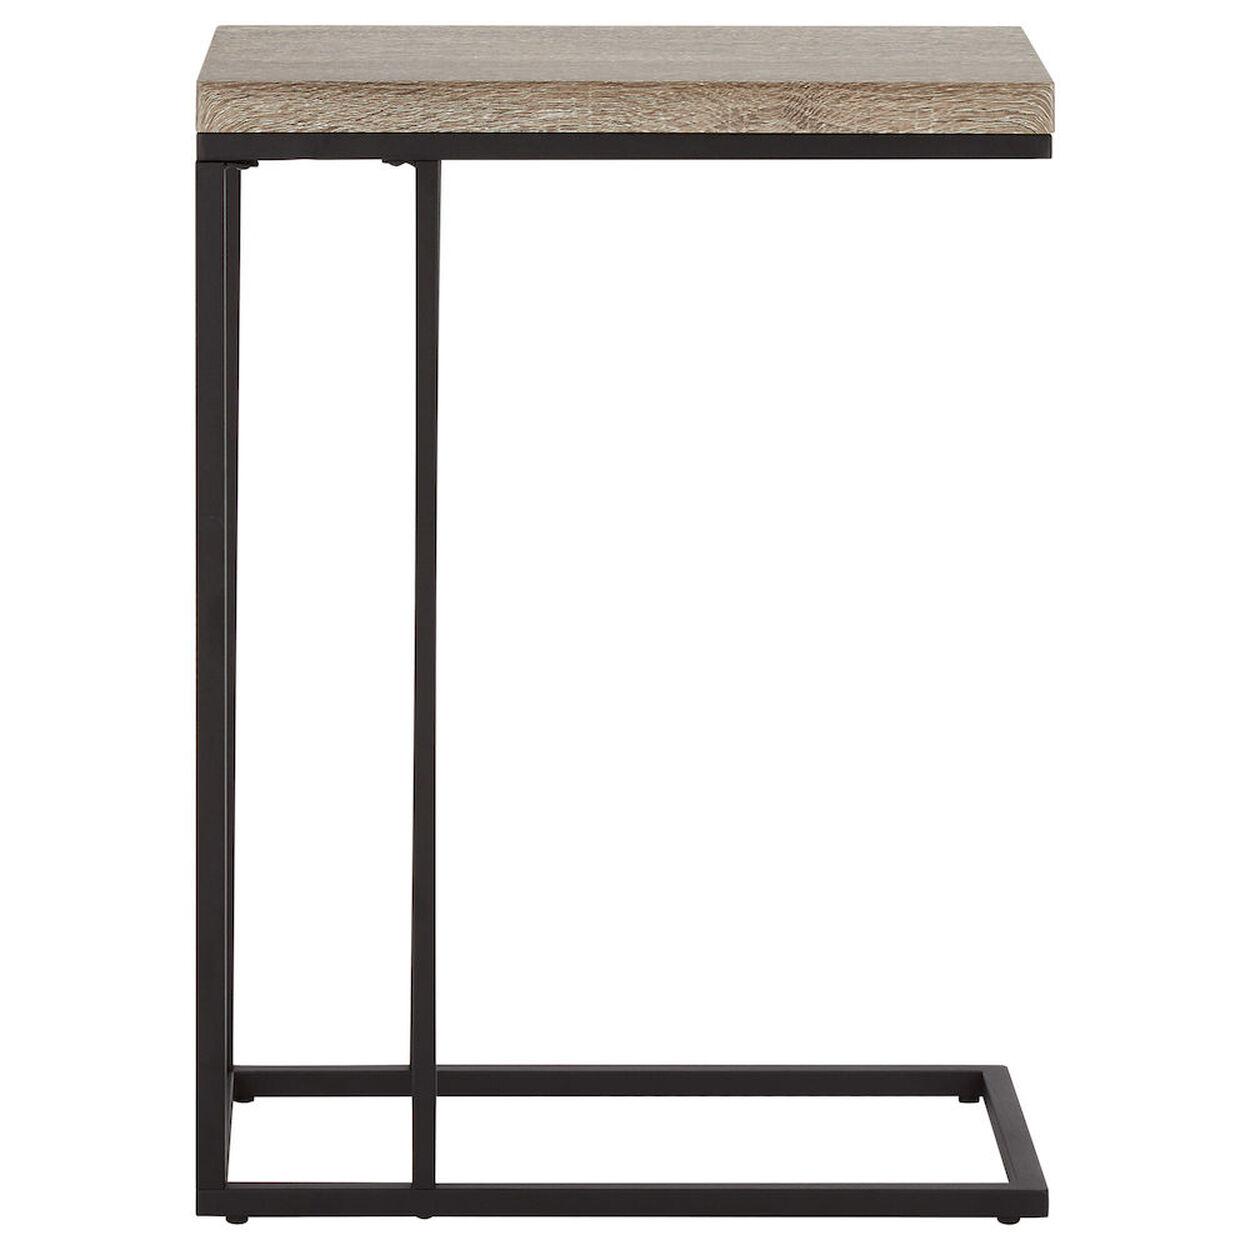 Wood Veneer & Metal Side Table